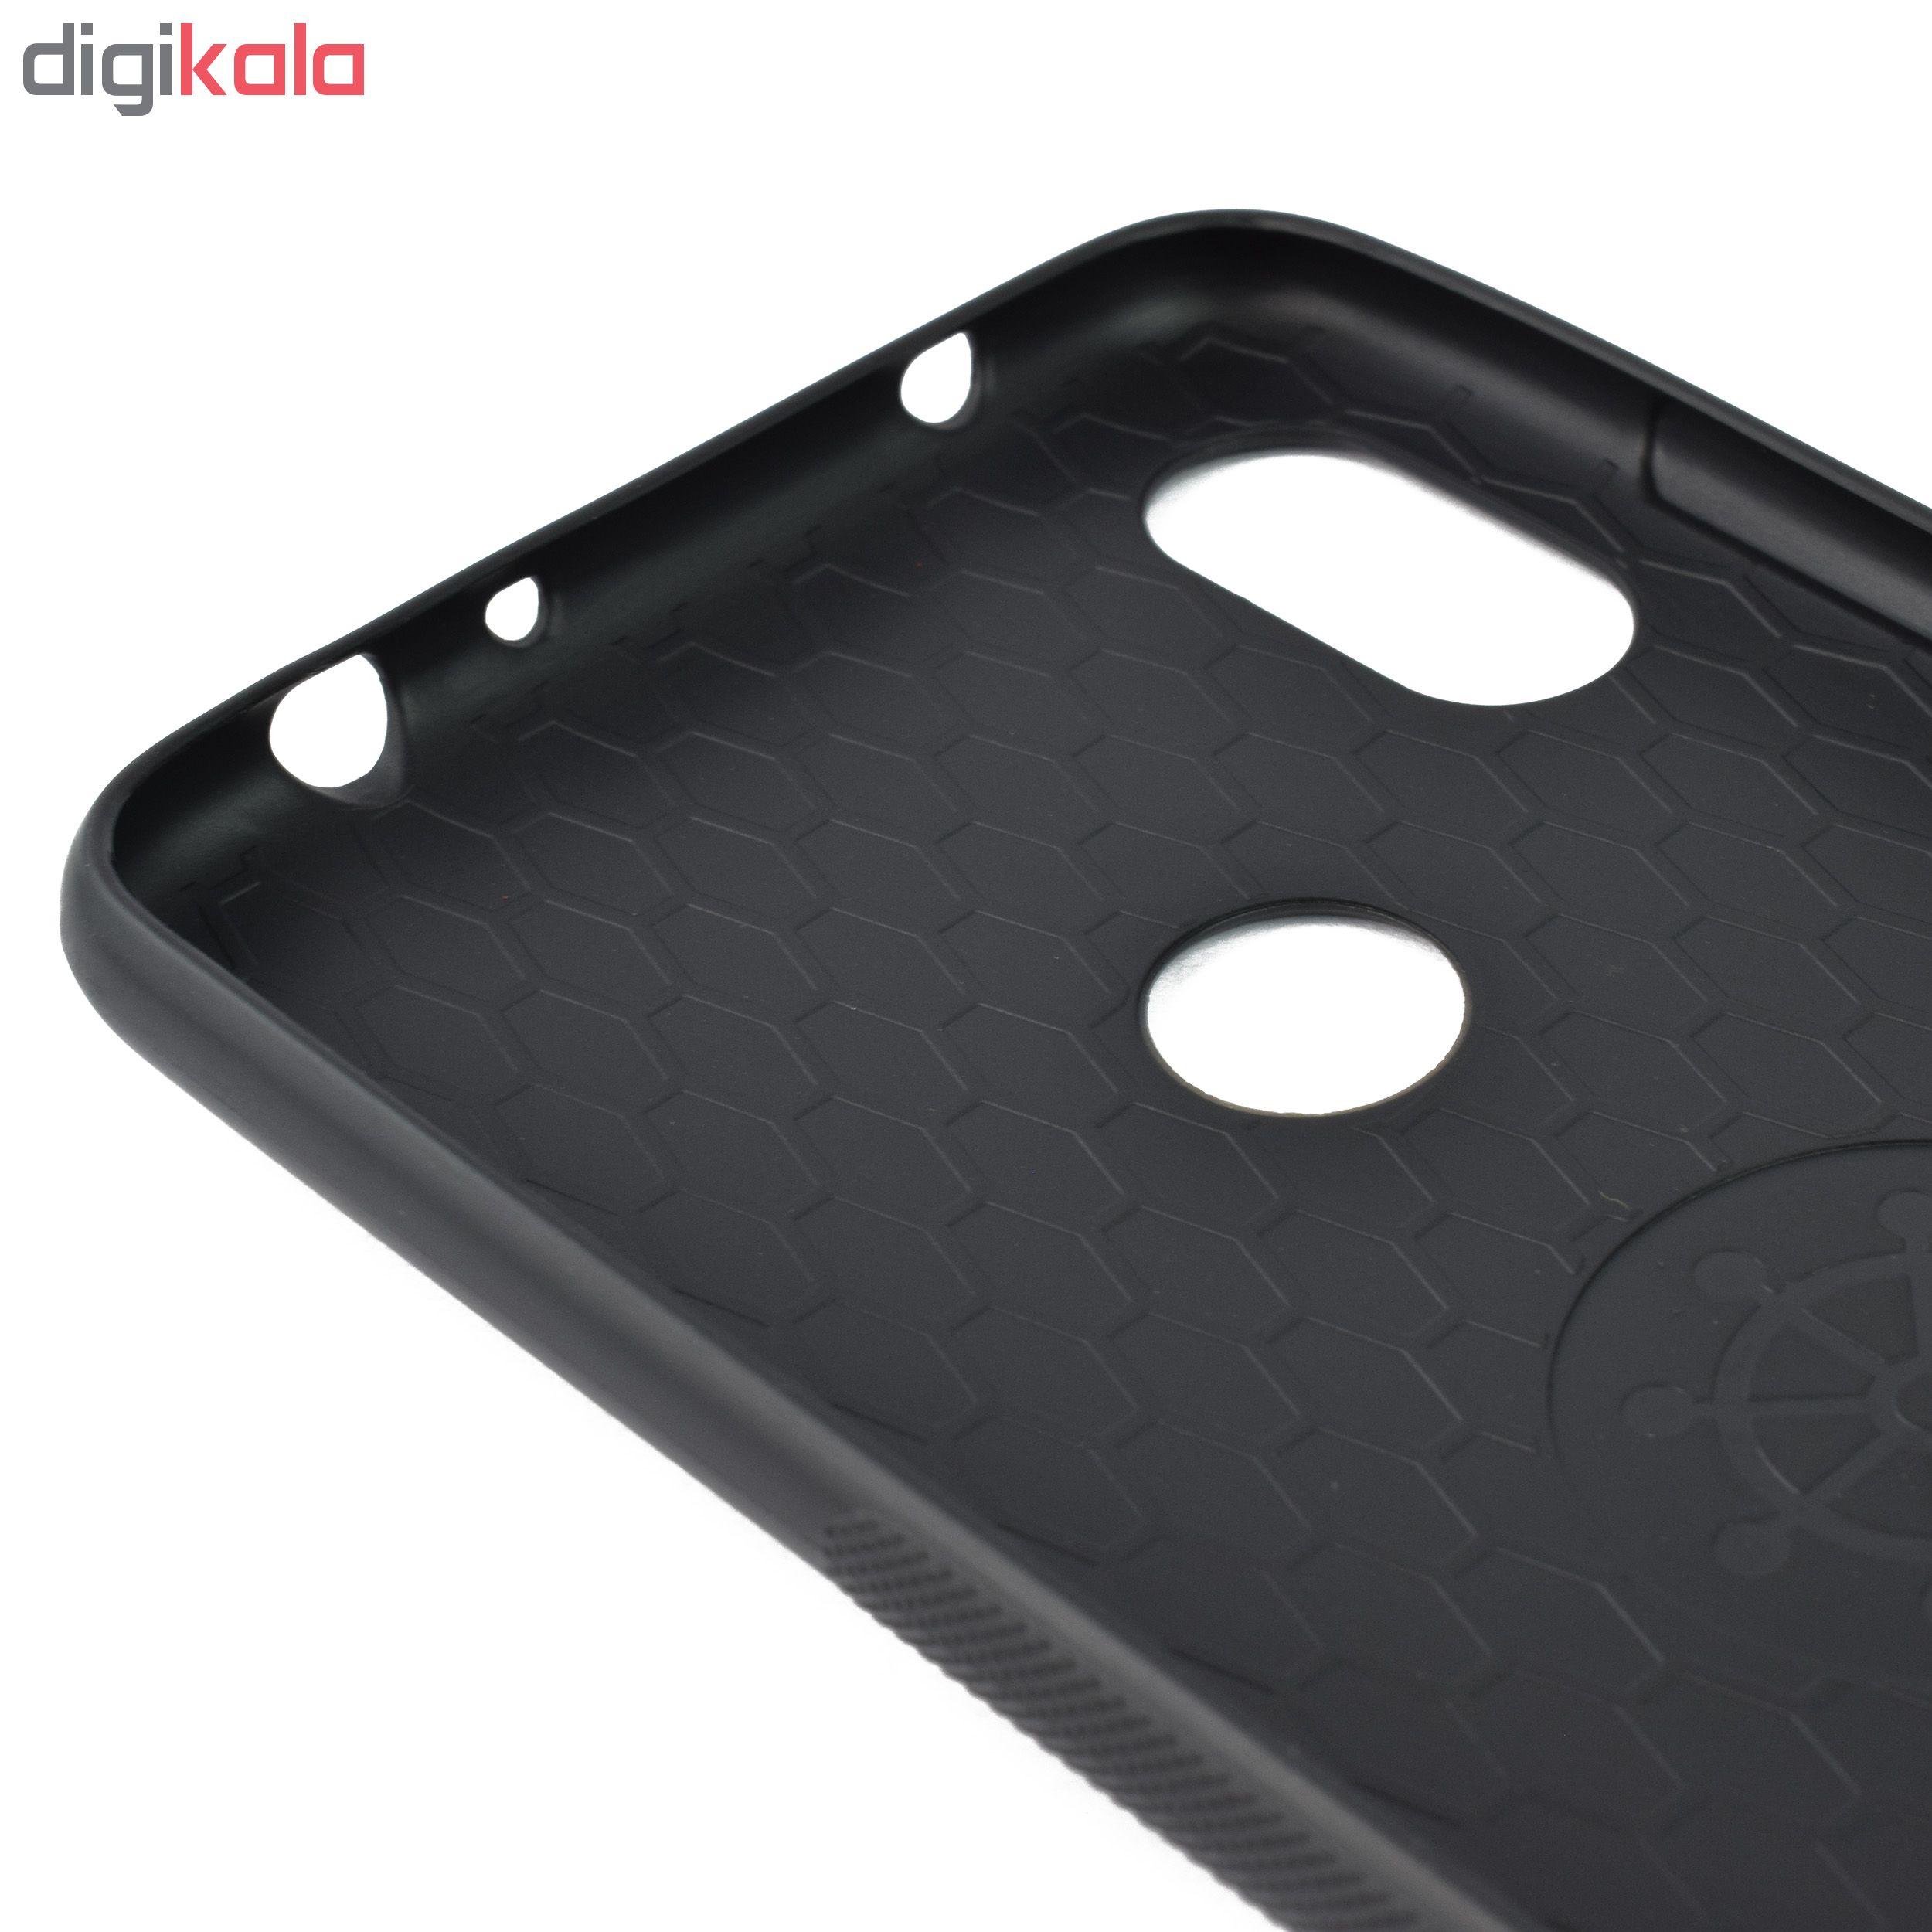 کاور مدل LT10 مناسب برای گوشی موبایل شیائومی Redmi Note 7 / Note 7 Pro main 1 10